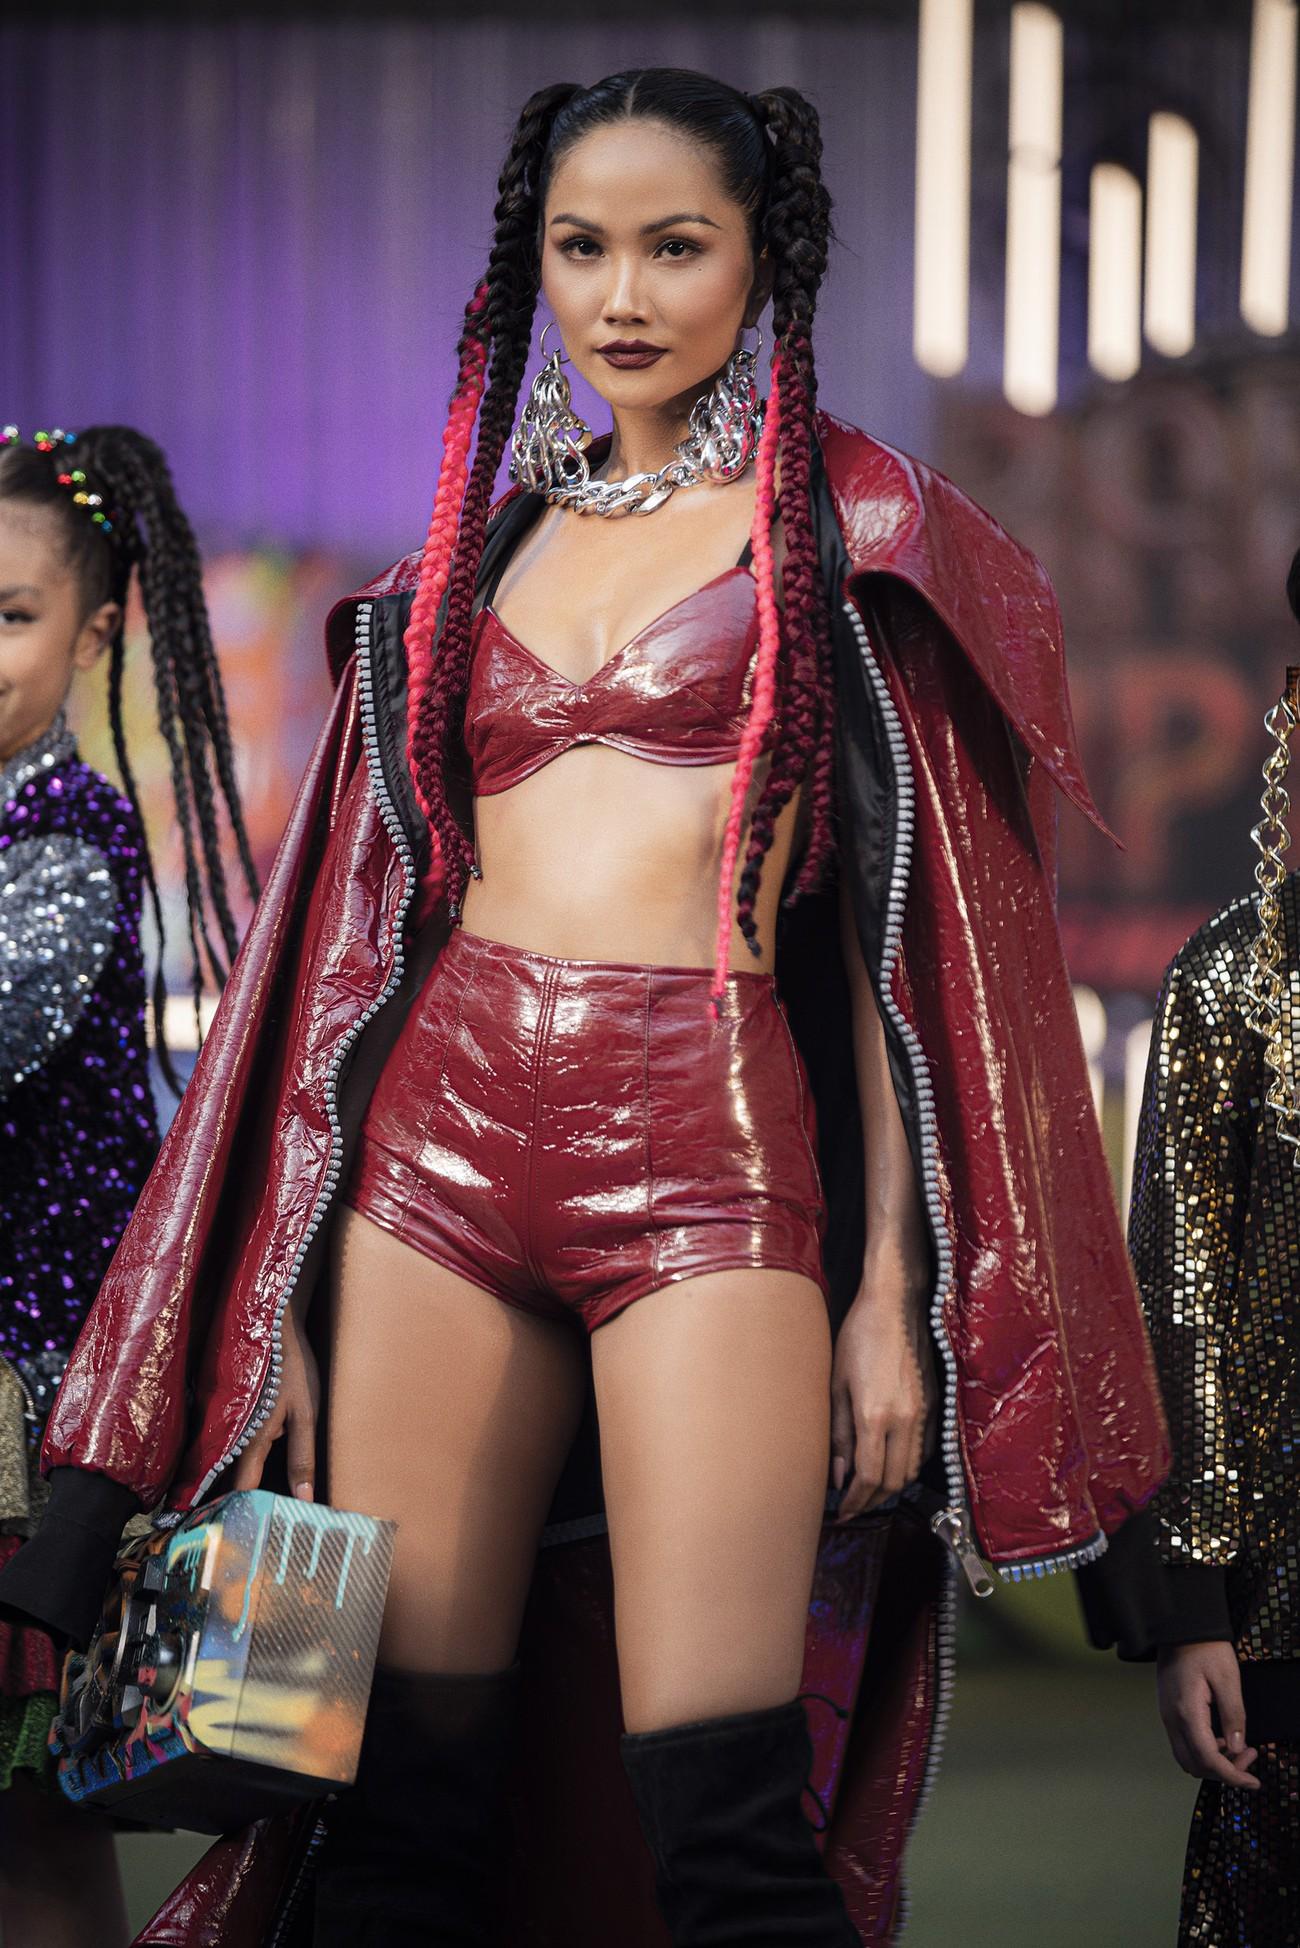 H'Hen Niê tái xuất với phong cách đường phố, mặc áo crop-top khoe hình thể nóng bỏng ảnh 1